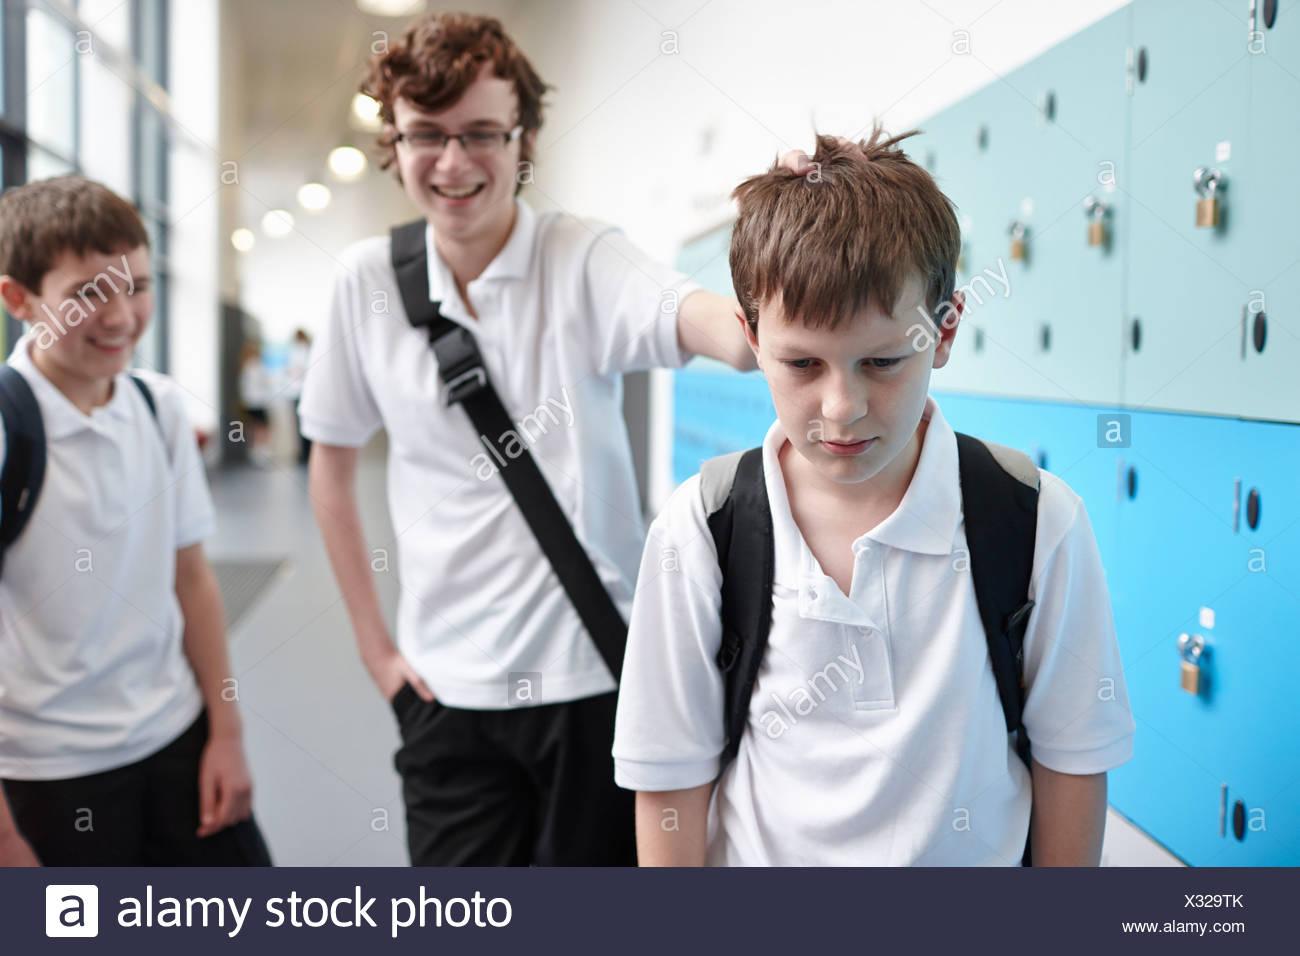 Schüler, die im Flur der Schule gemobbt Stockbild